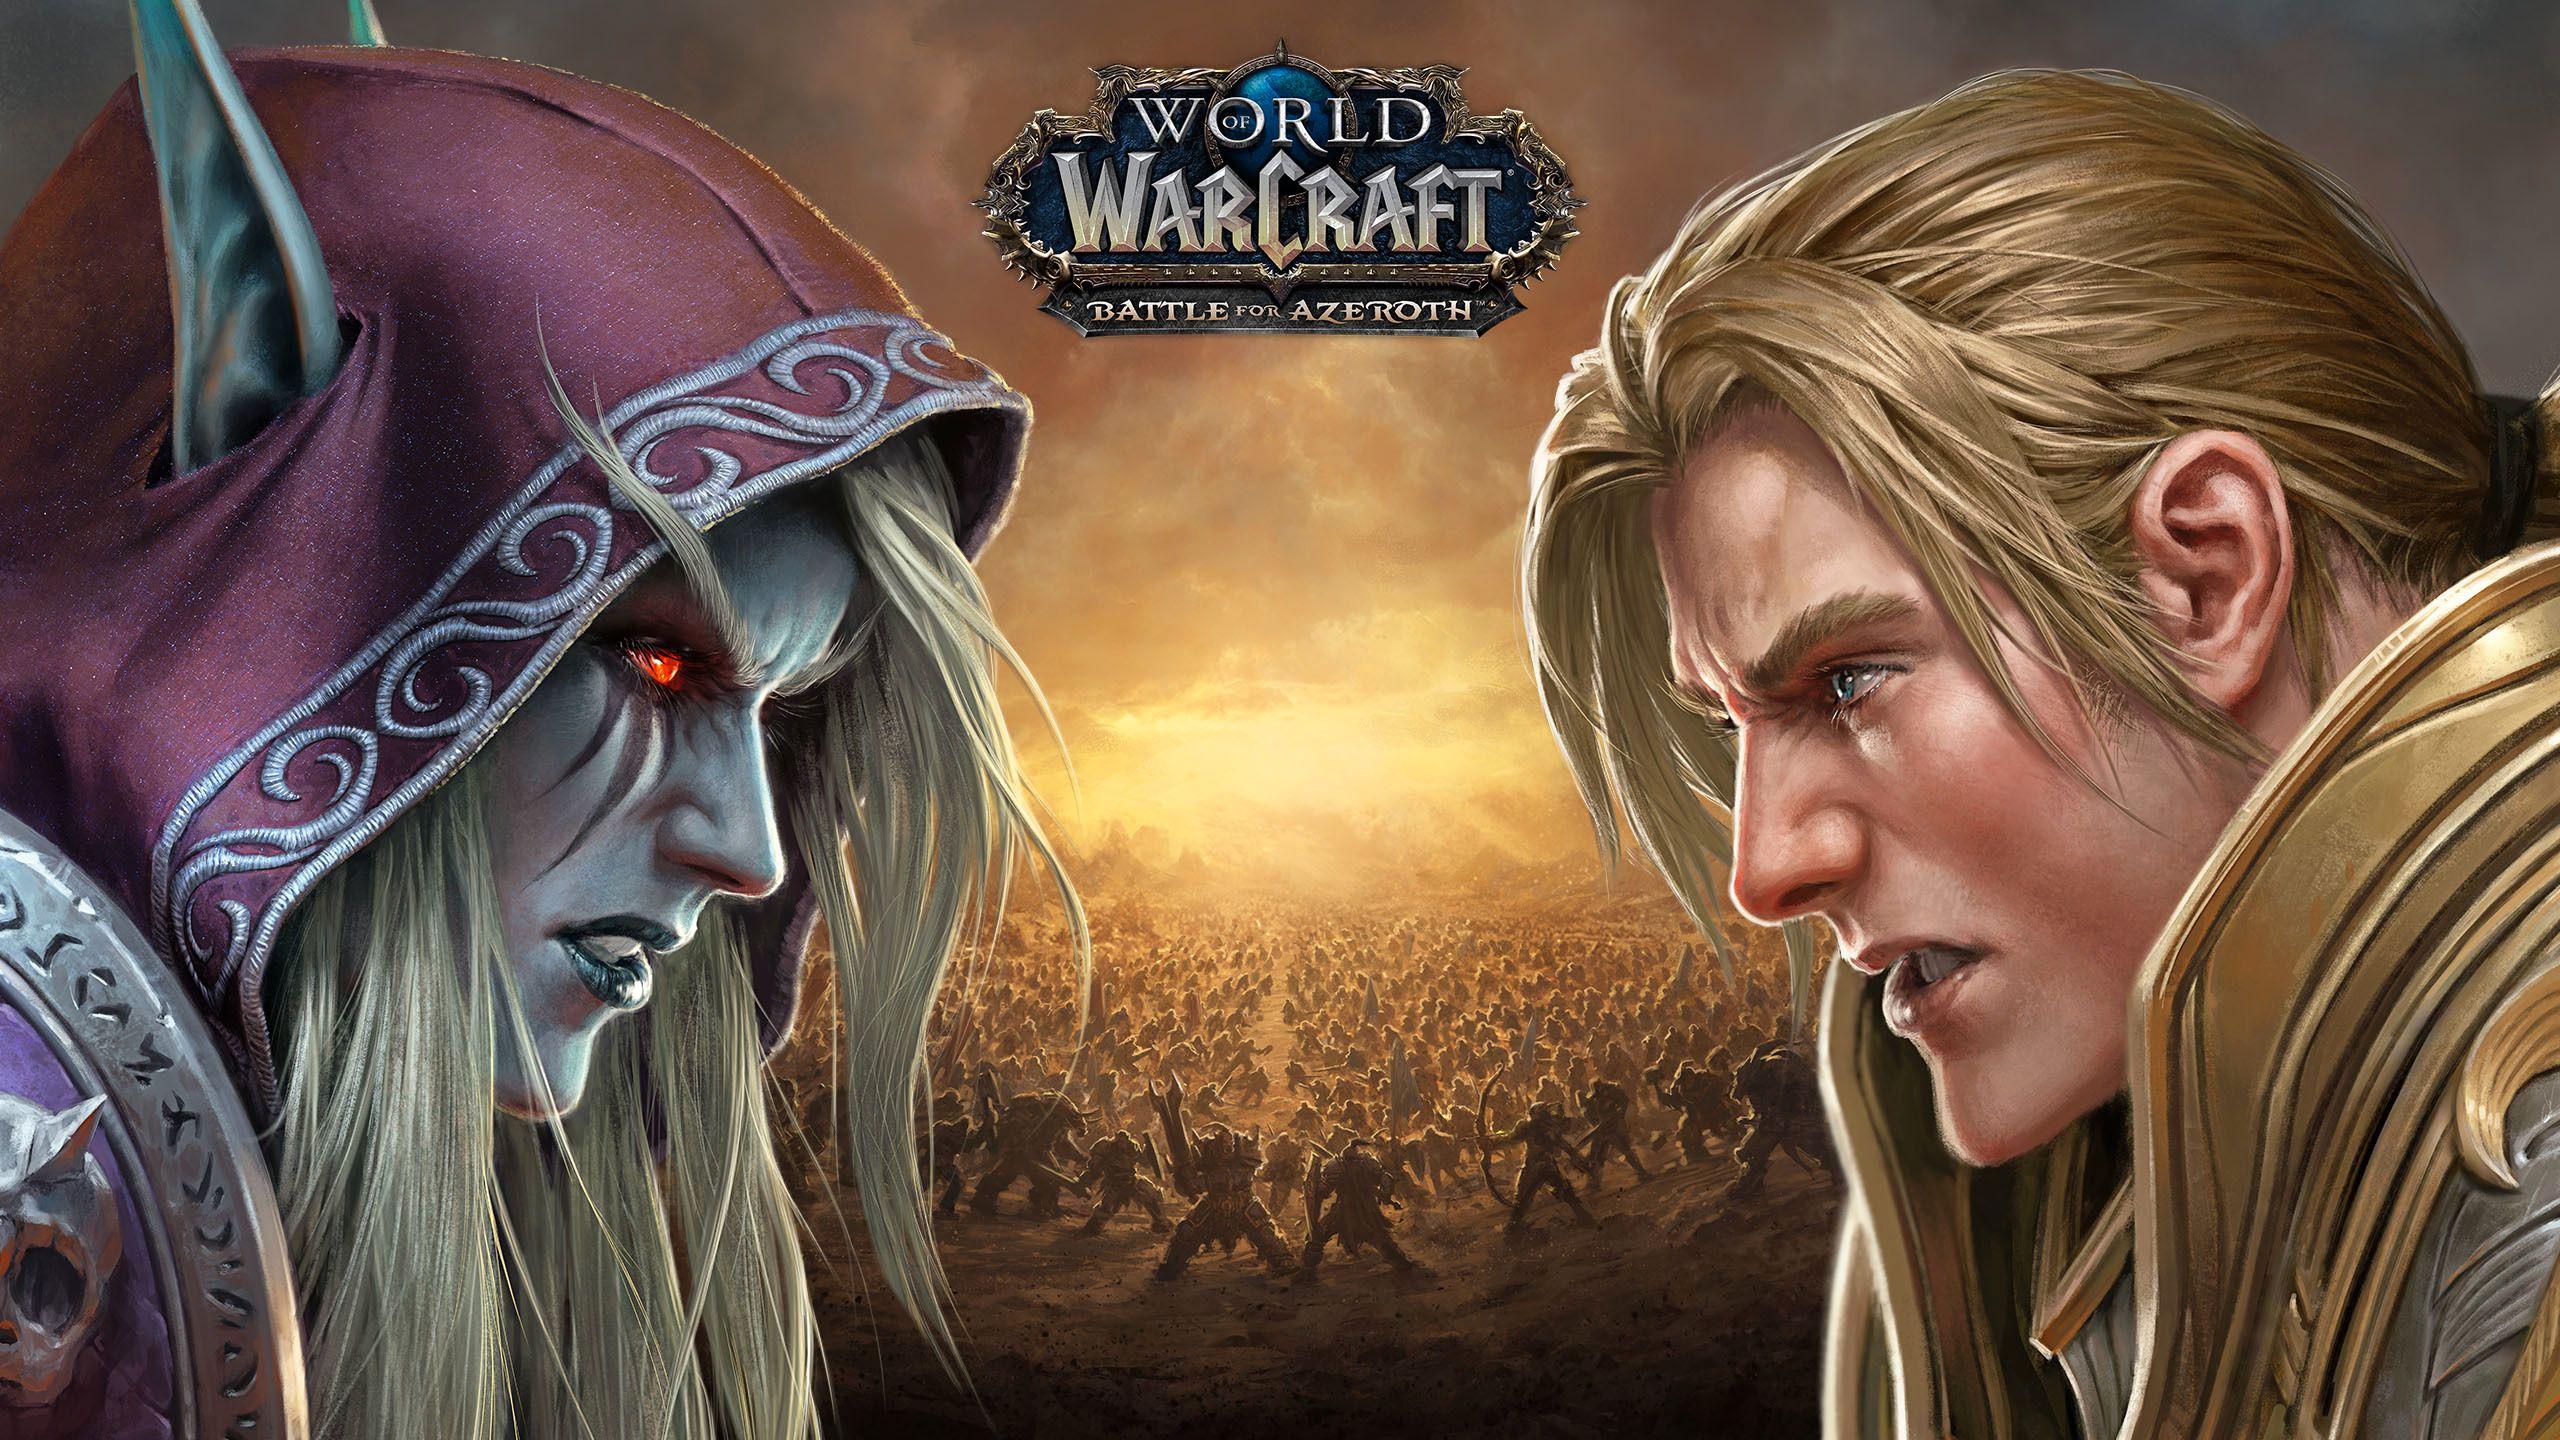 Særdeles lite gikk som planlagt da Blizzard oppdaterte World of Warcraft denne uken